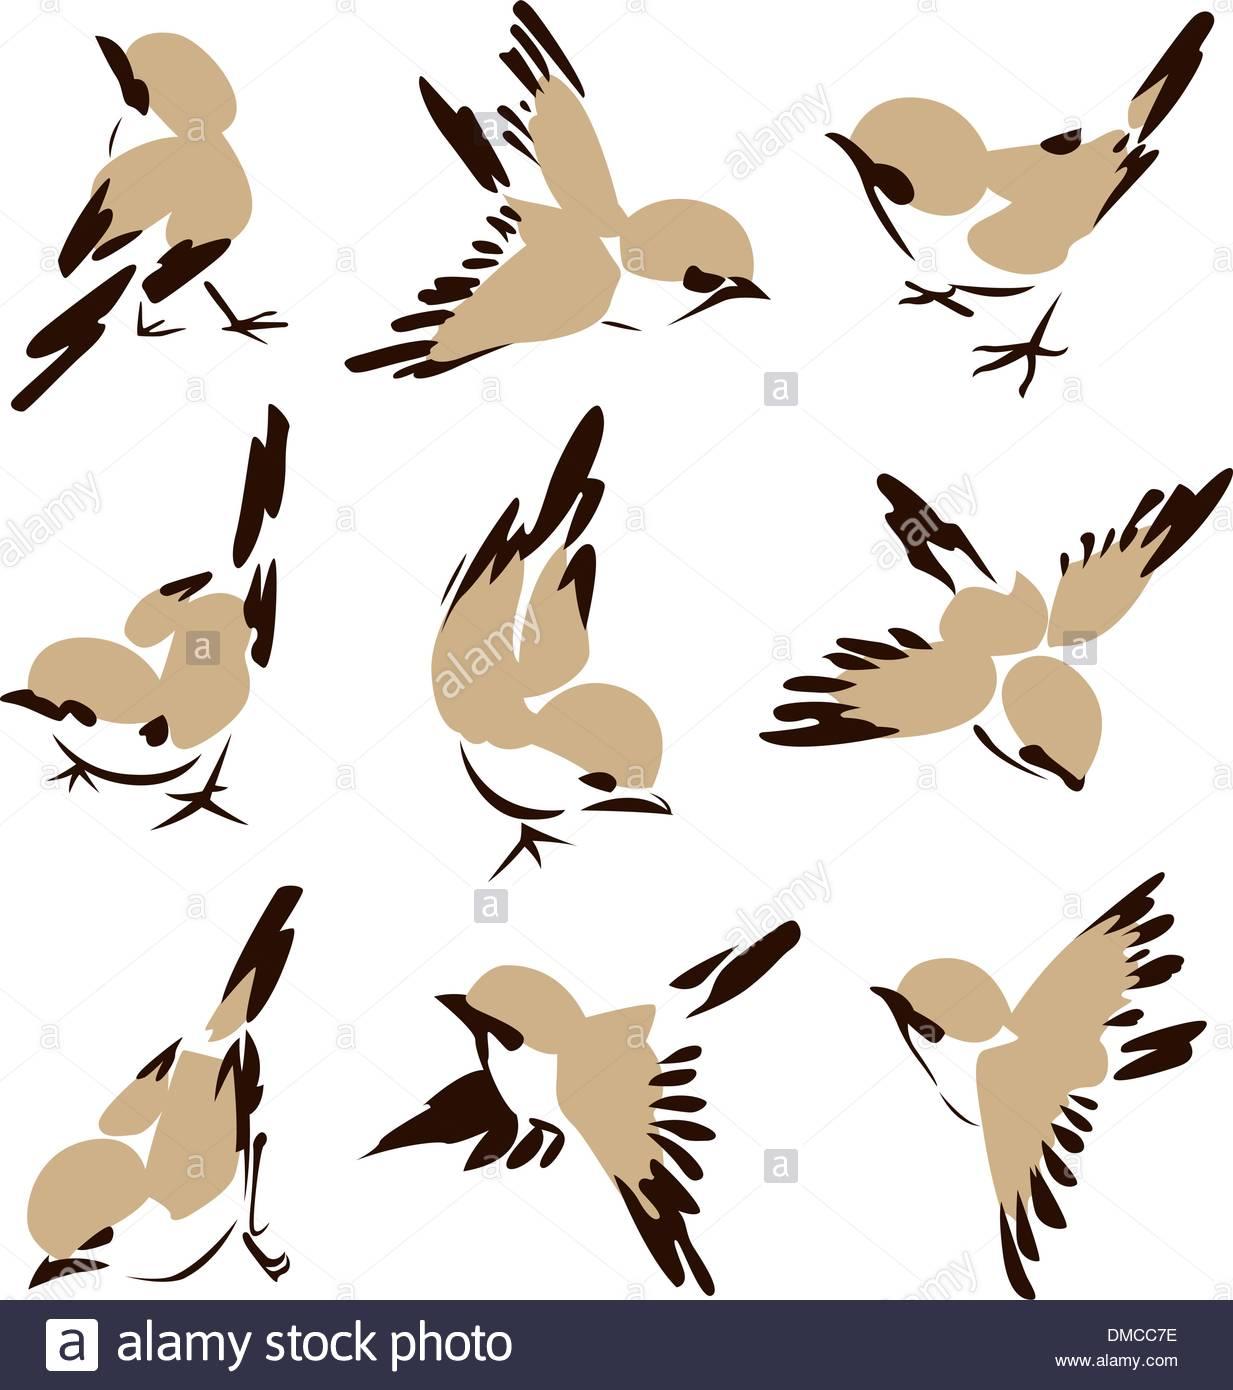 1233x1390 Stylish Flying Bird Painting Drawing Set Stock Vector Art